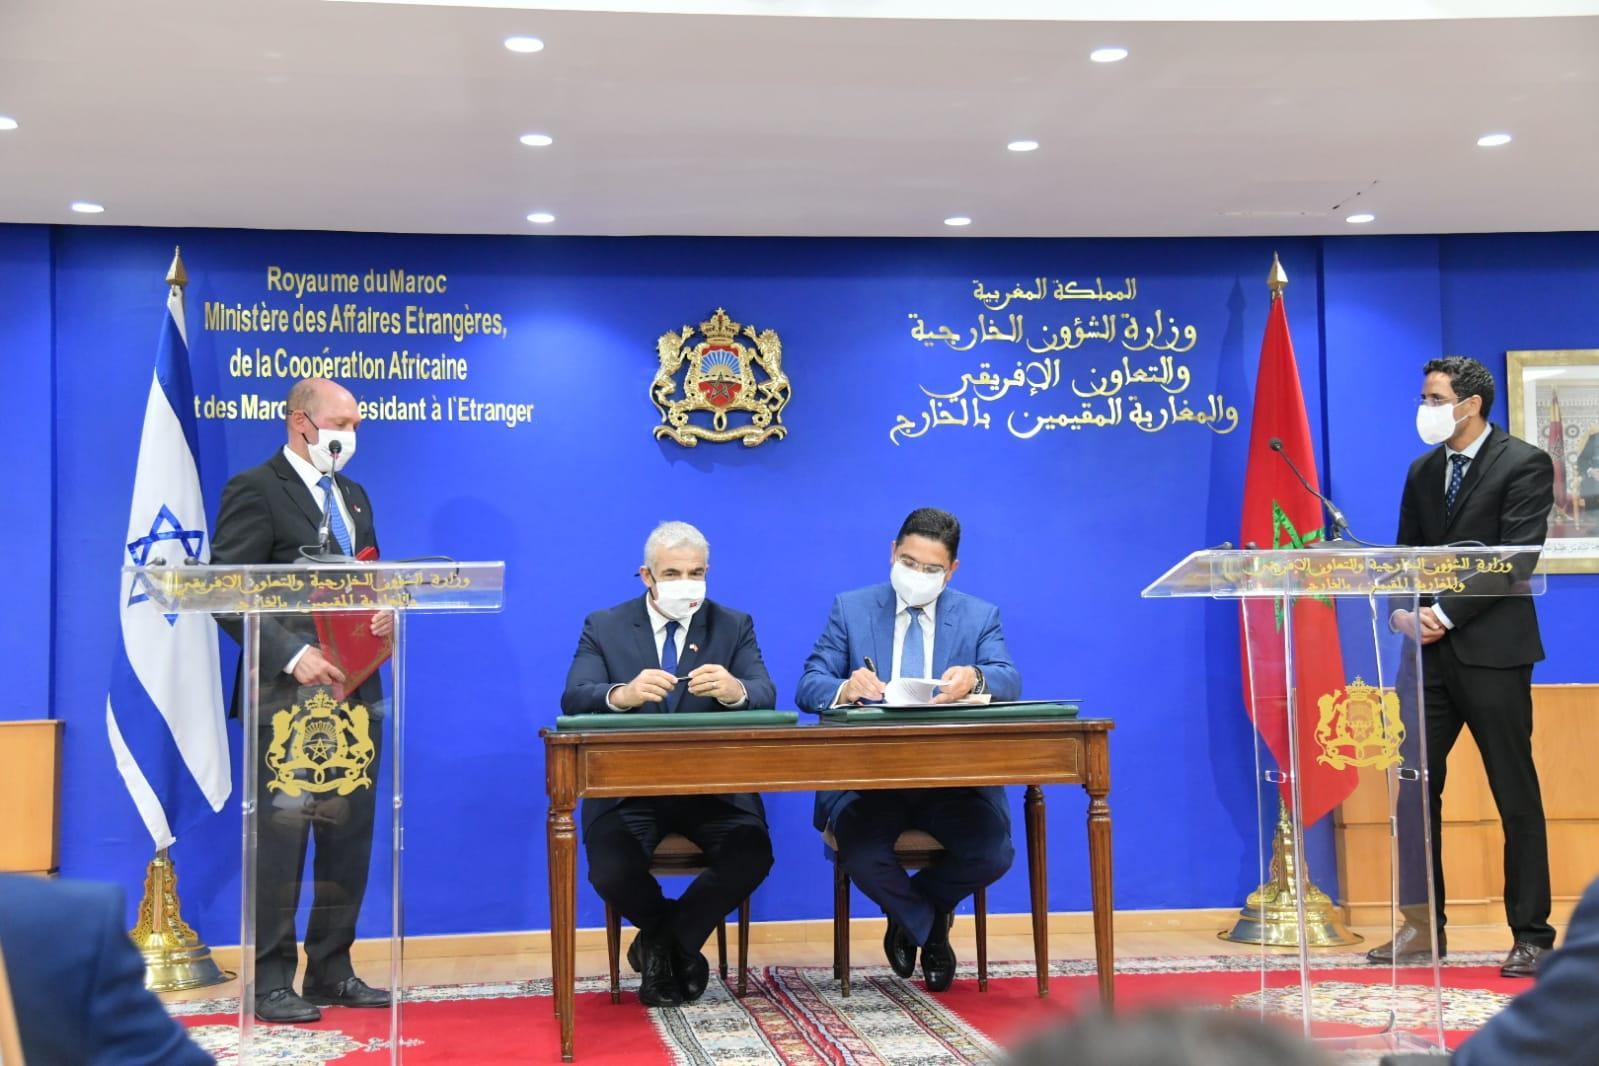 بوريطة ولابيد يوقعان اتفاقيات للتعاون الثنائي بين المغرب وإسرائيل